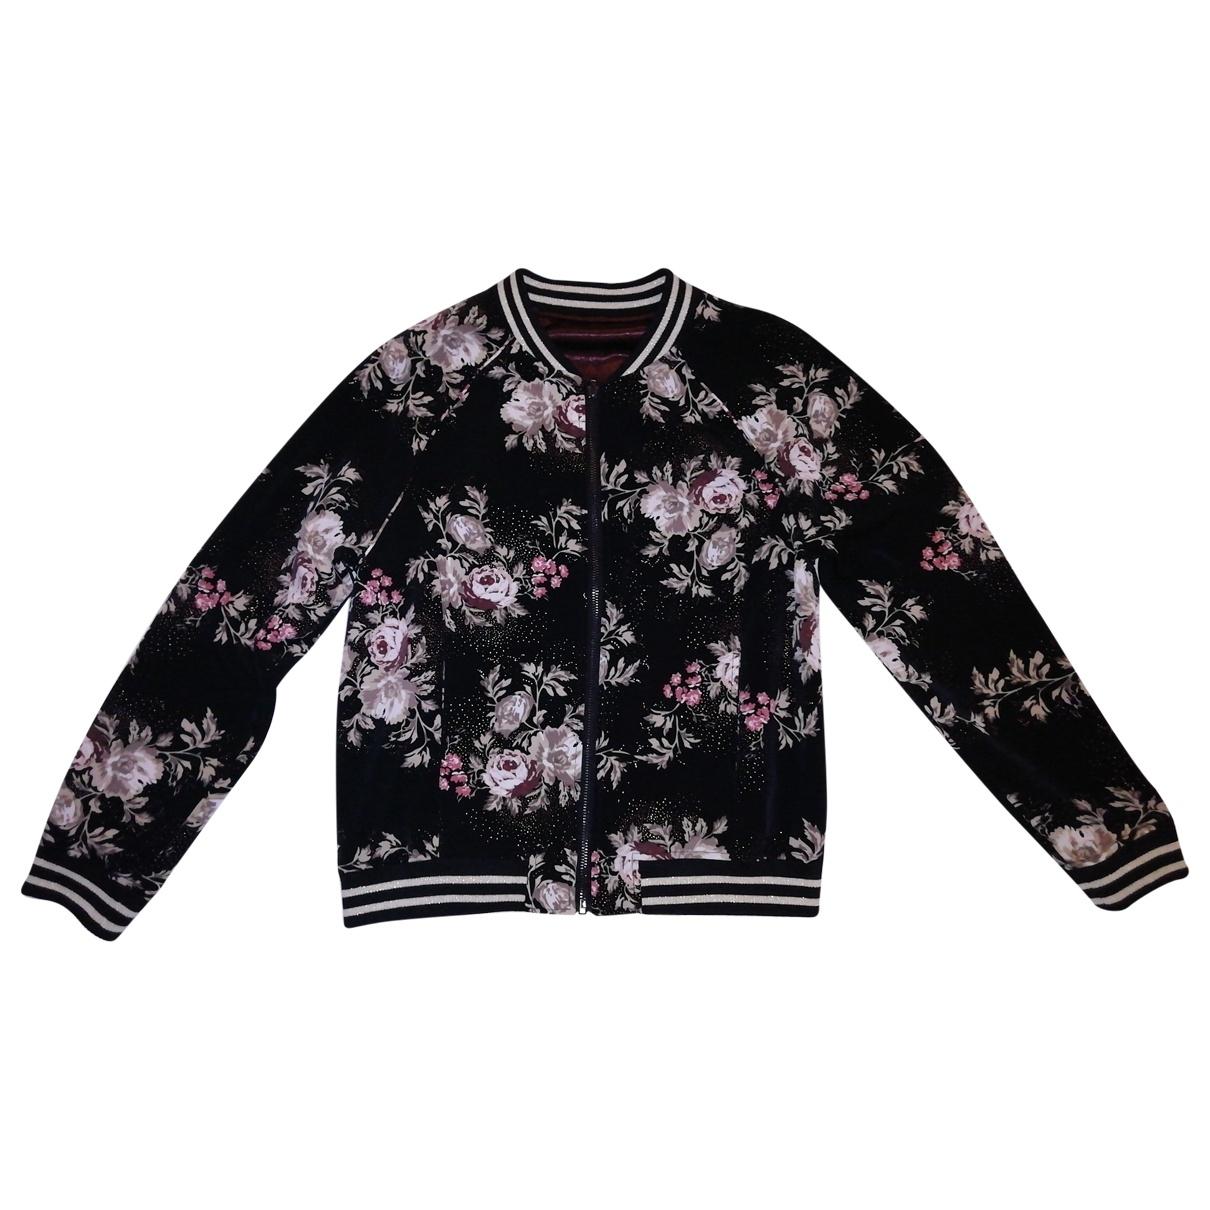 Karl Marc John \N Black jacket for Women 36 FR